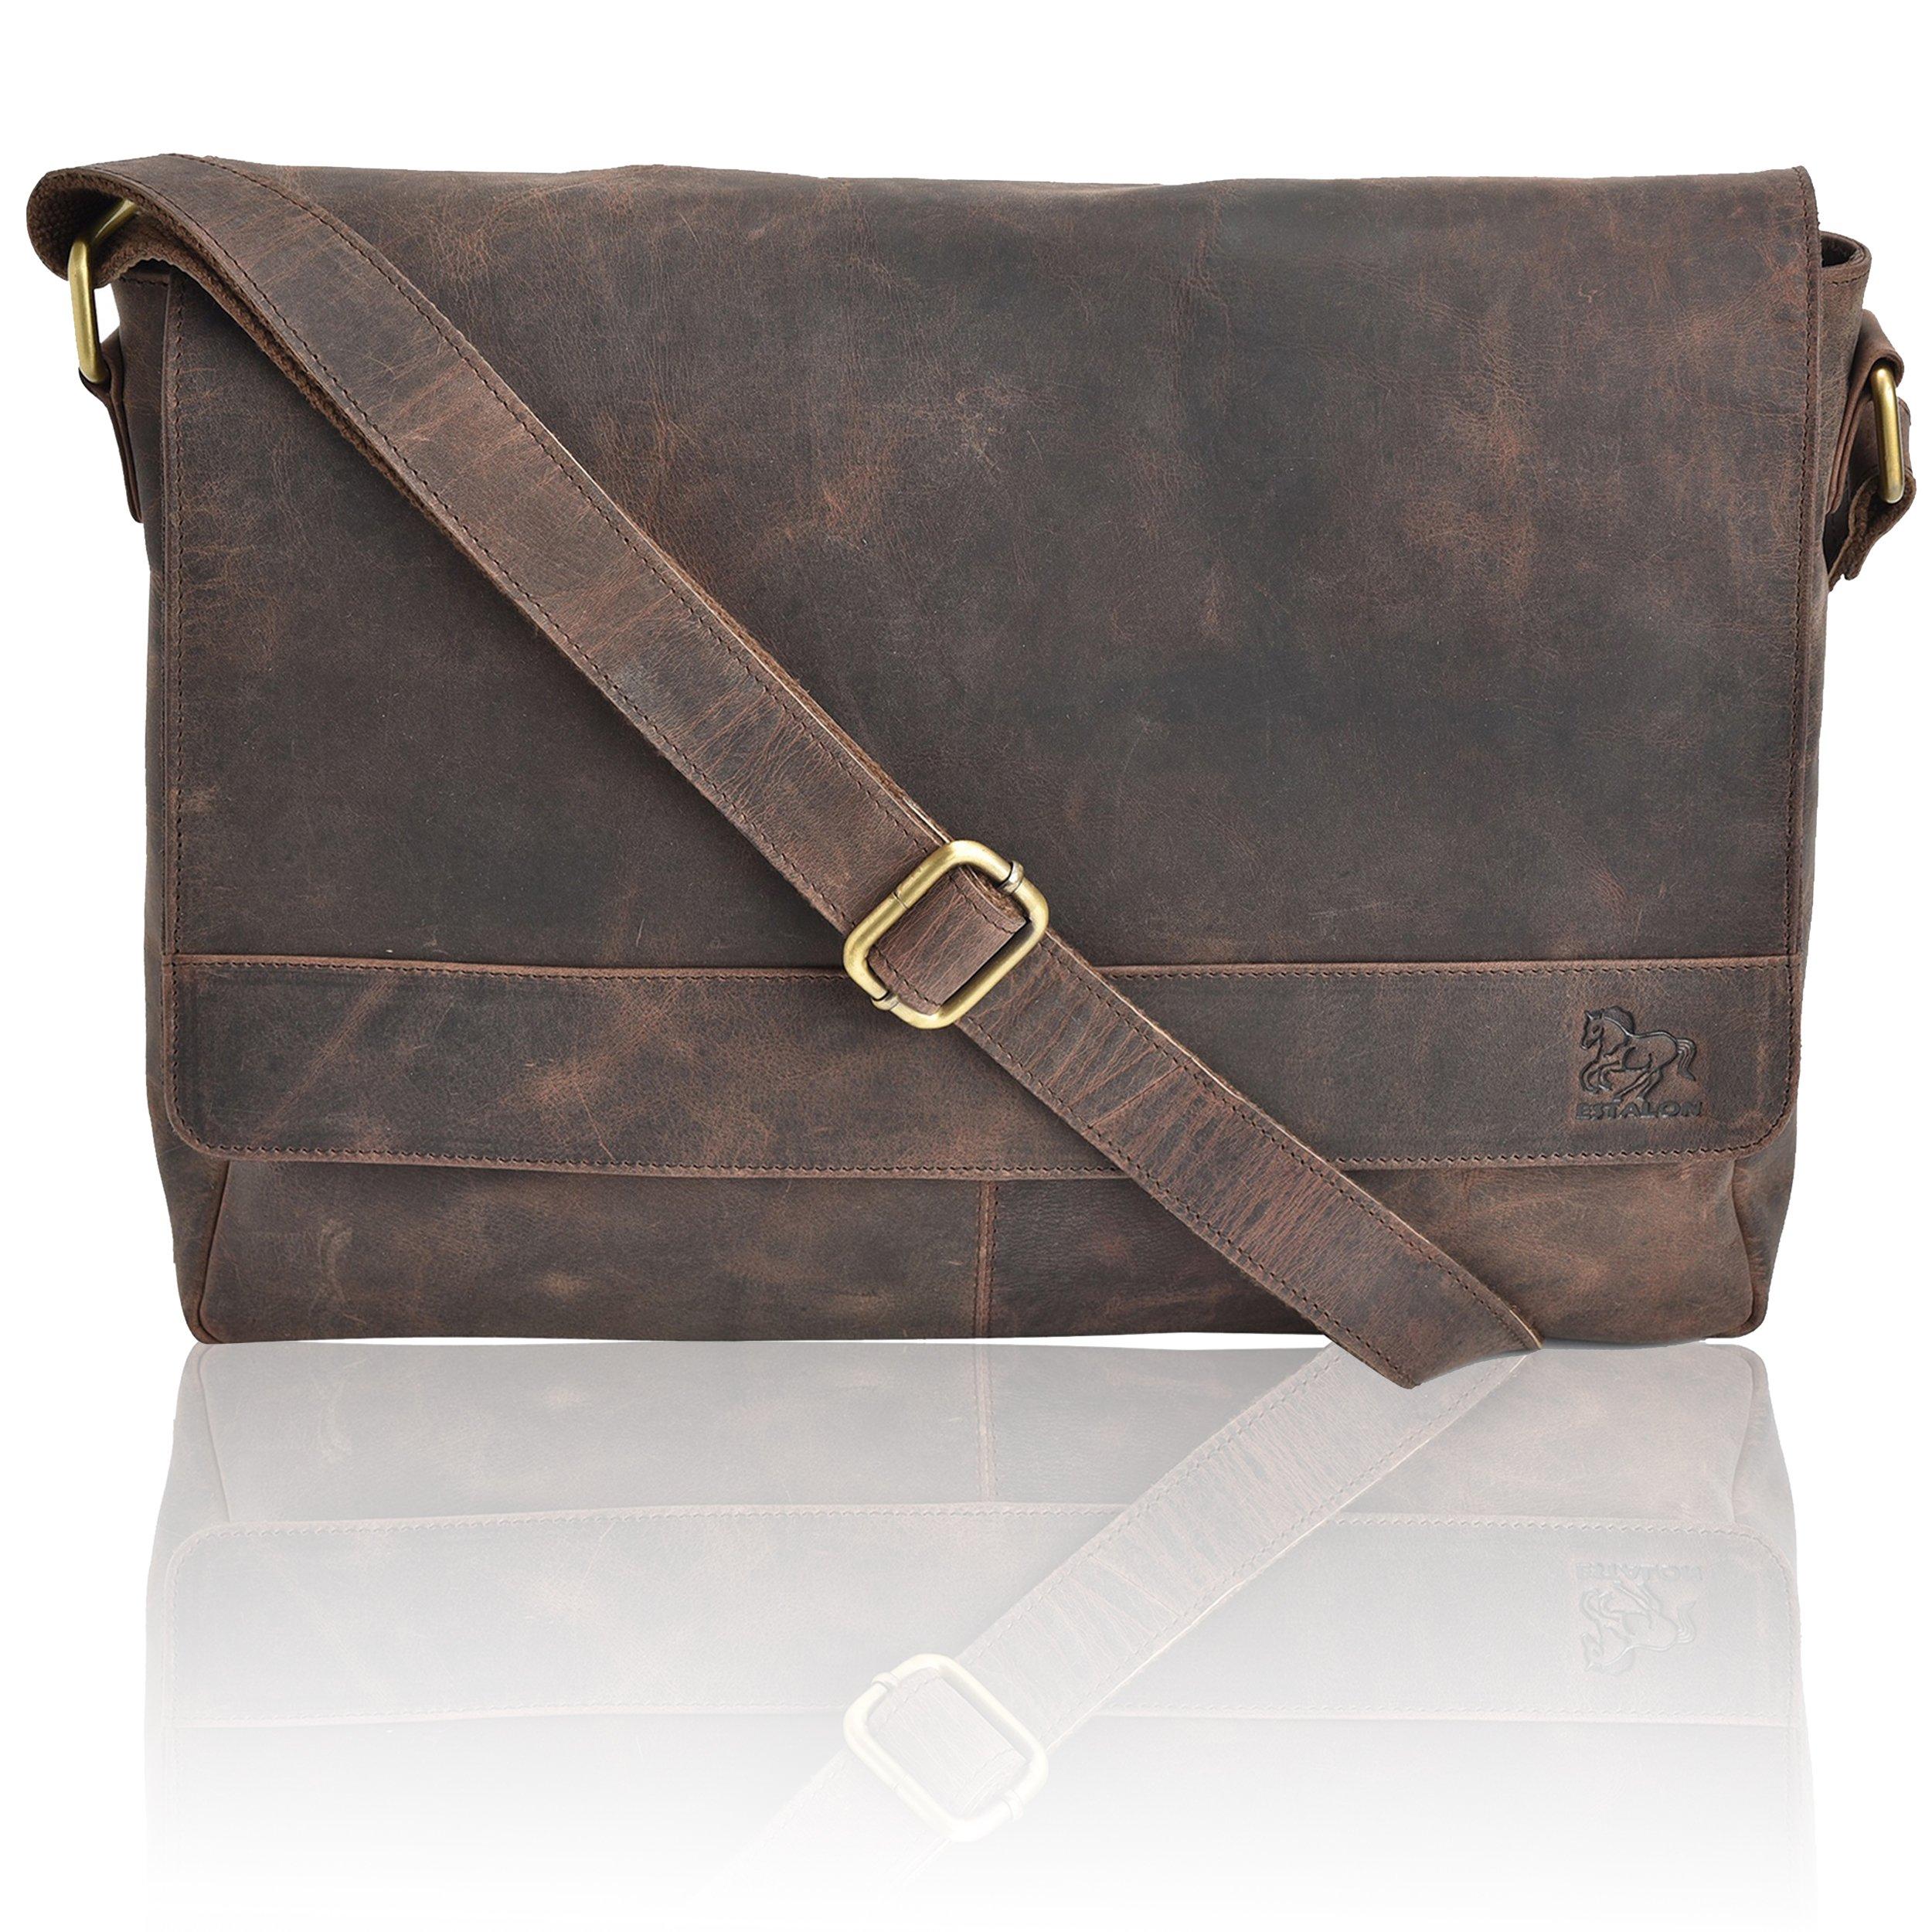 Laptop-Bag for Men and Women - Genuine Leather Multi-Pocket Brown Messenger Bag for 14-Inch Laptop, Side Bag with Inner Foam Padding and Adjustable Shoulder Strap by Estalon